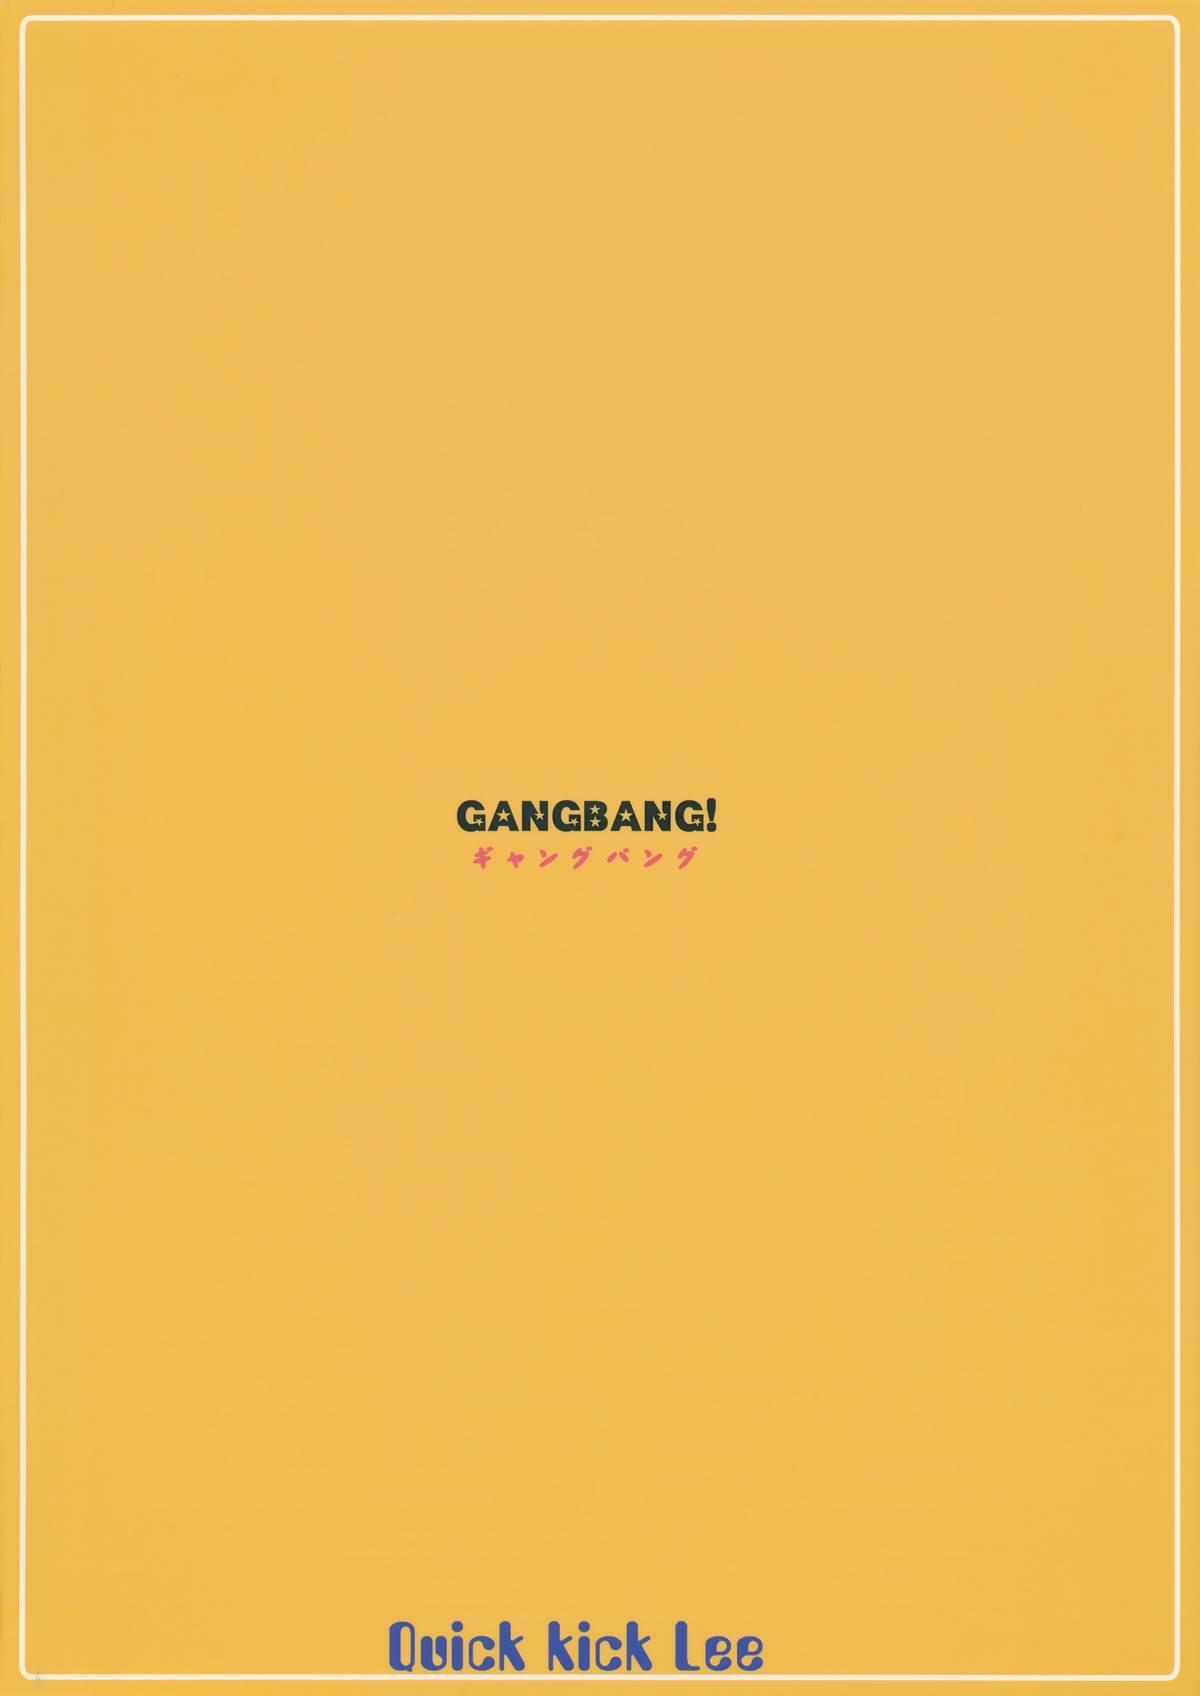 GANGBANG! 23